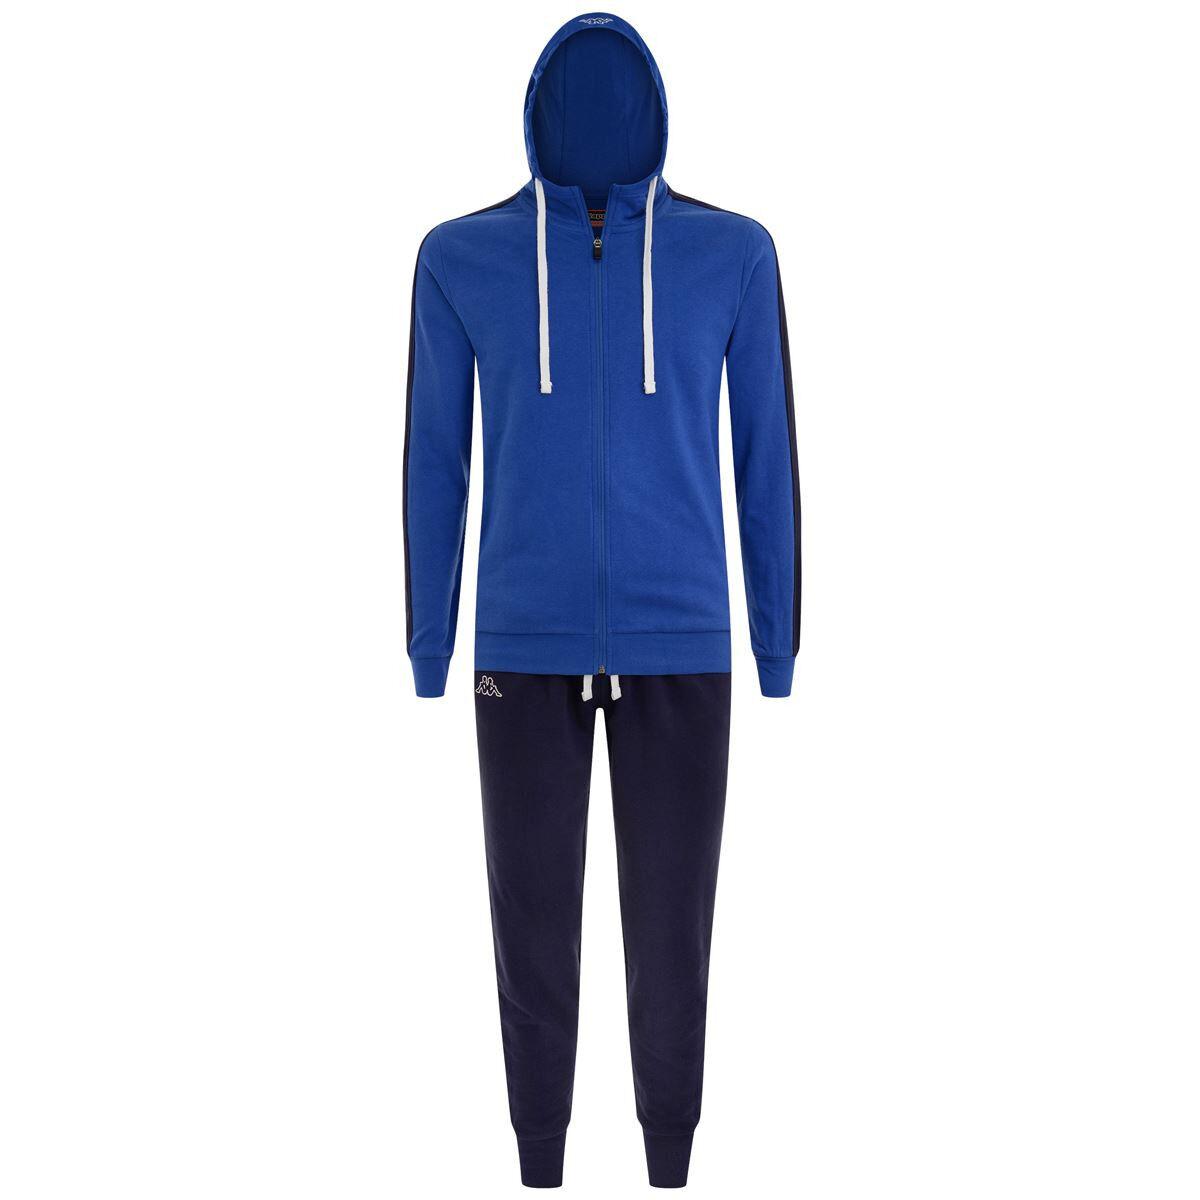 Kappa ARVELY Suit Tuta Sportiva da men - 303ZEE0 901